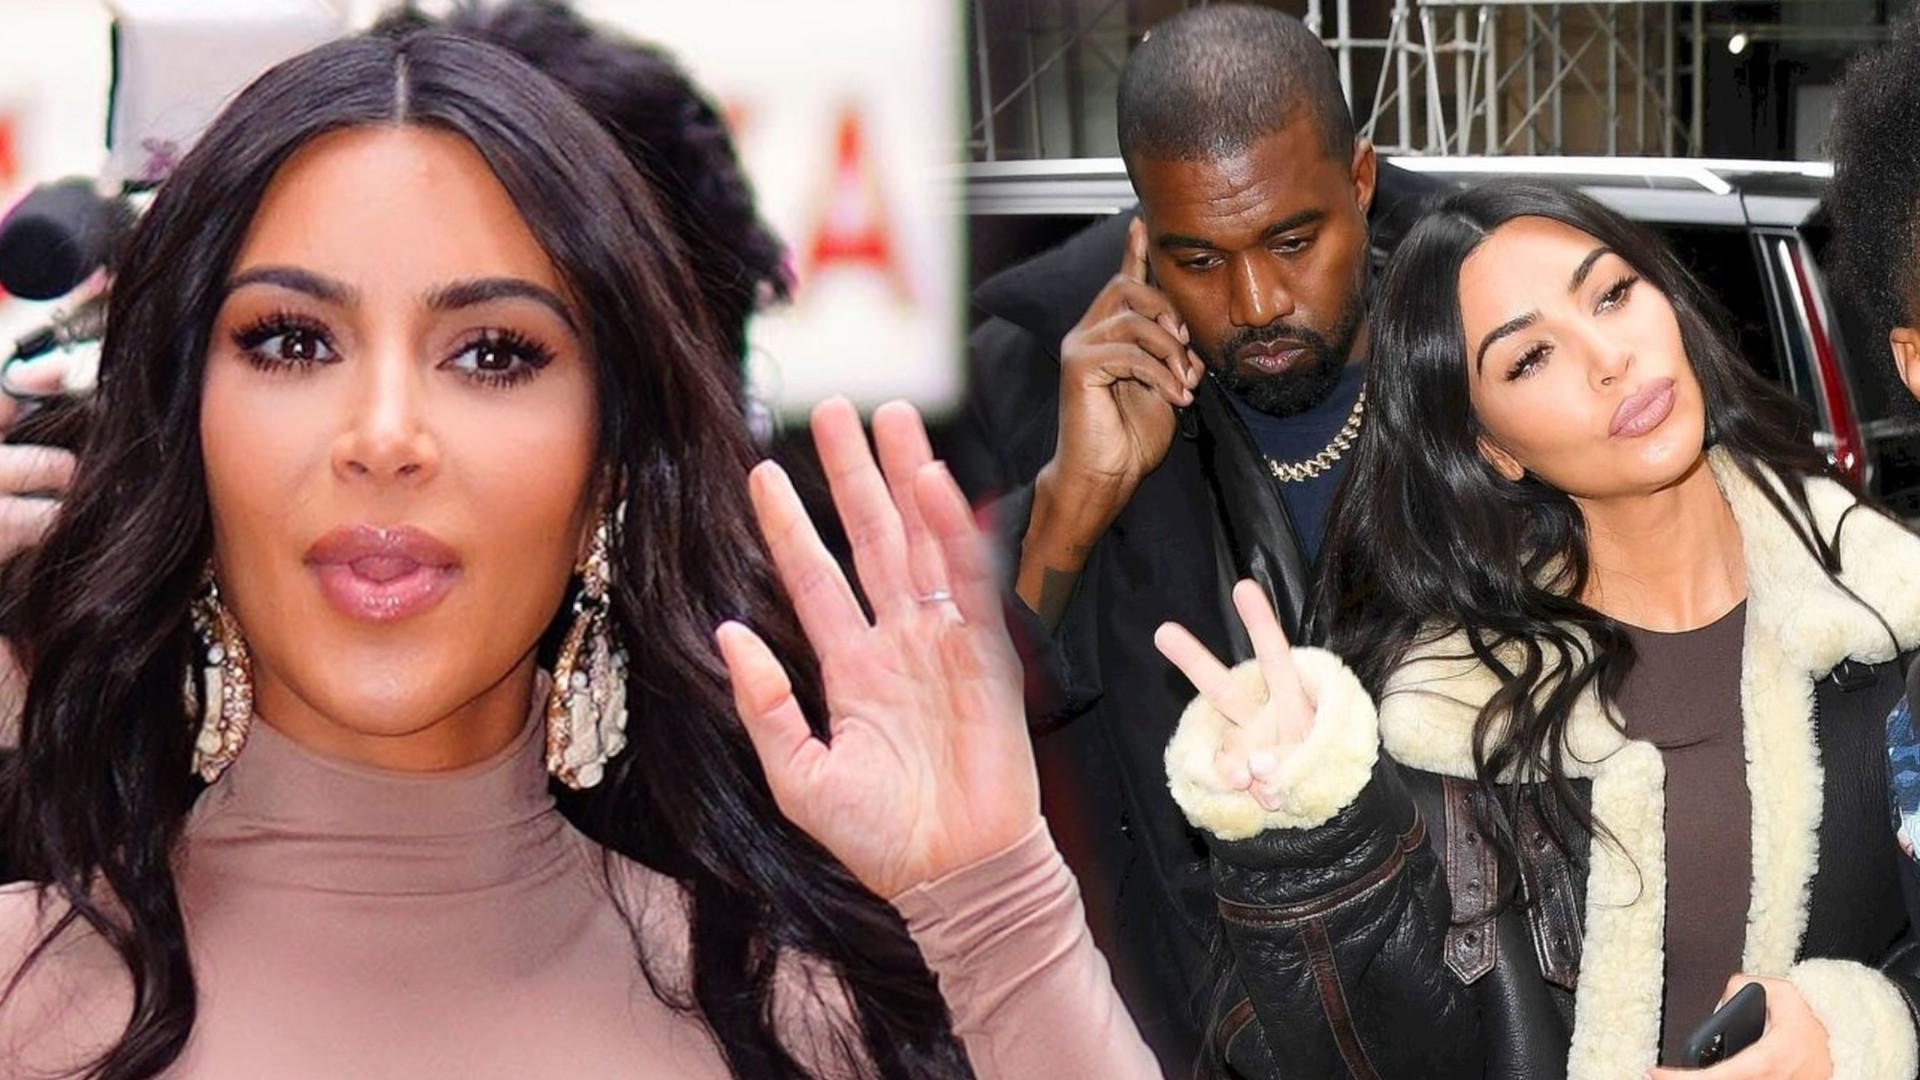 Kim Kardashian i Kanye West już po kryzysie. Teraz randkują!